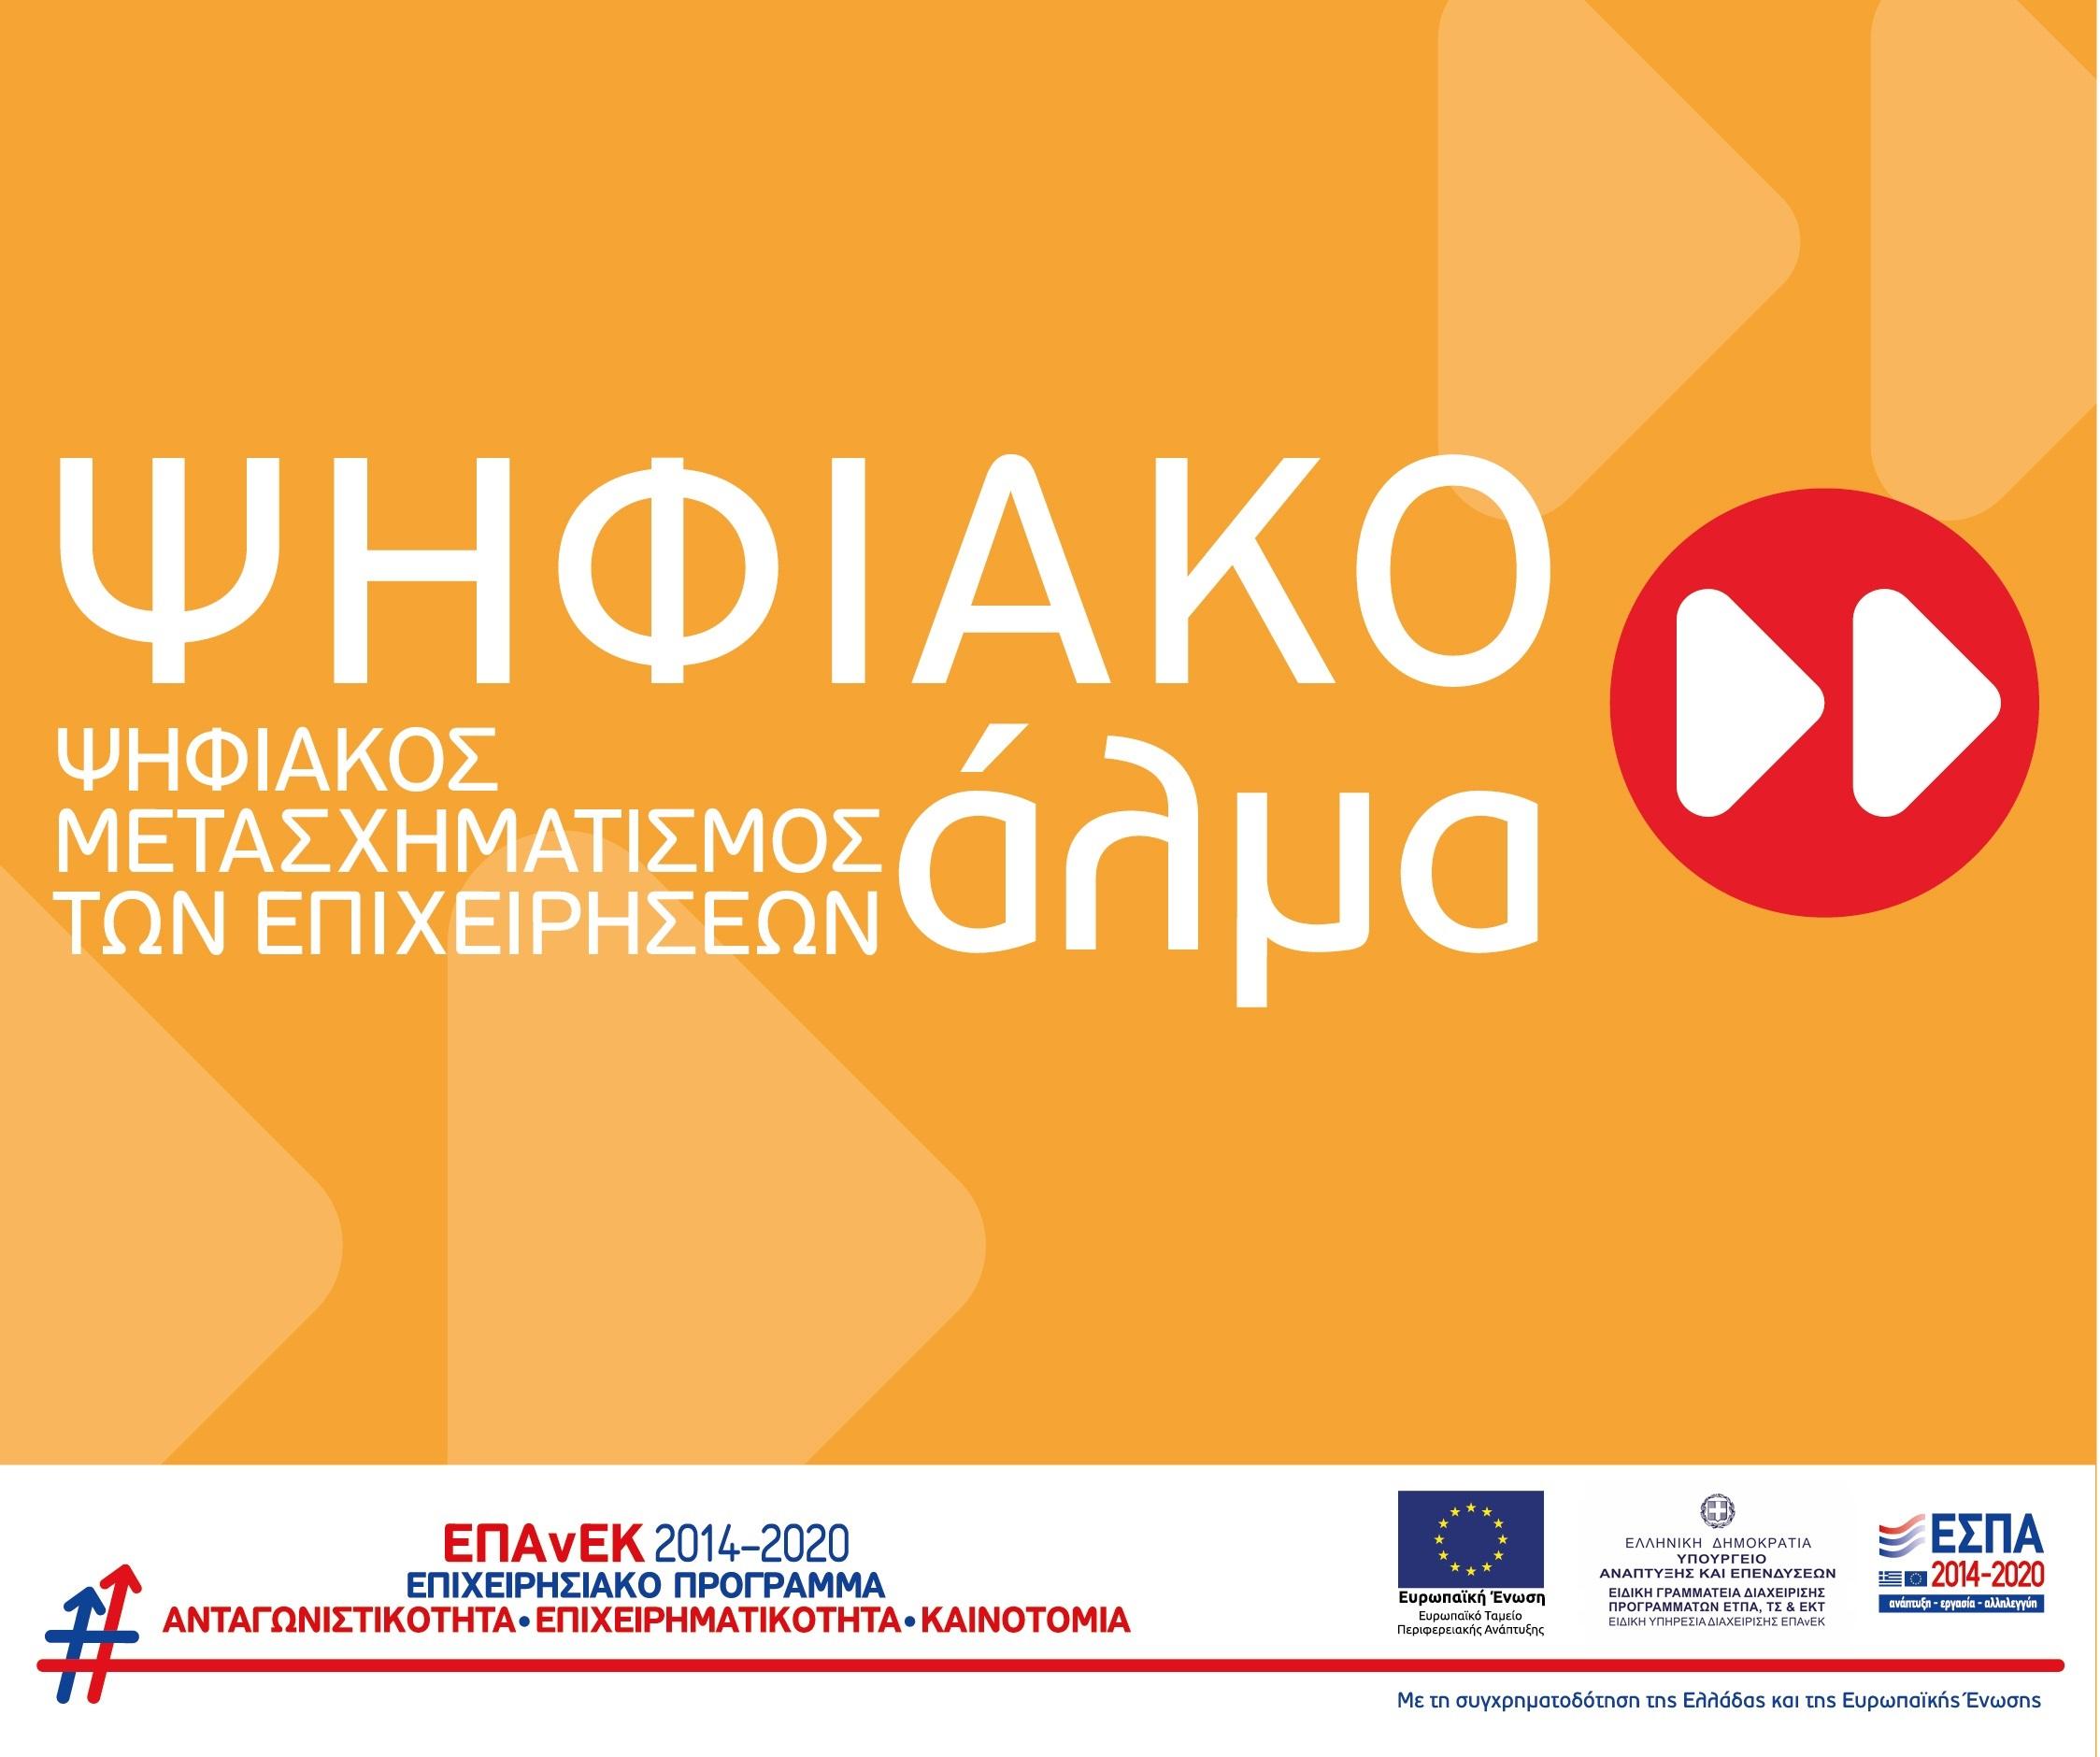 Προγραμματα 2014-2020 / Ψηφιακό Άλμα